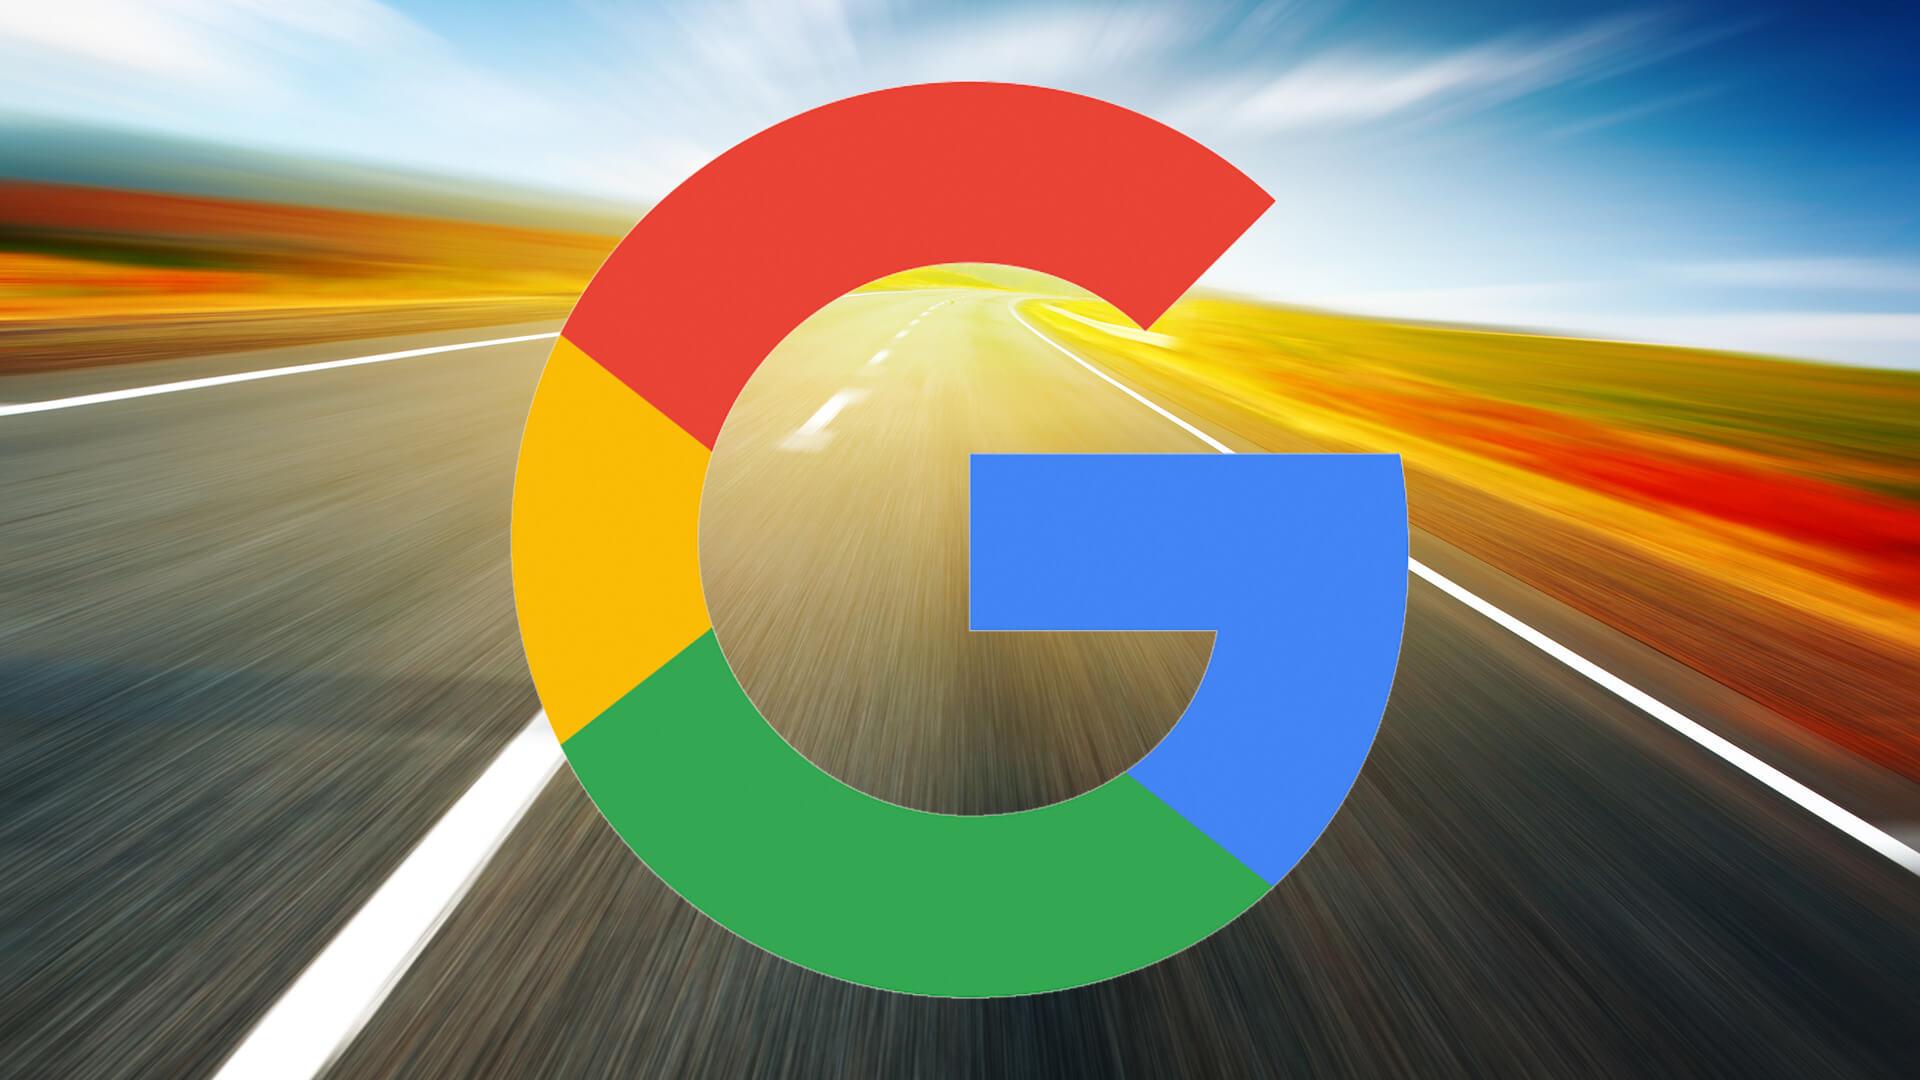 Come configurare la sicurezza di un account Google? 1